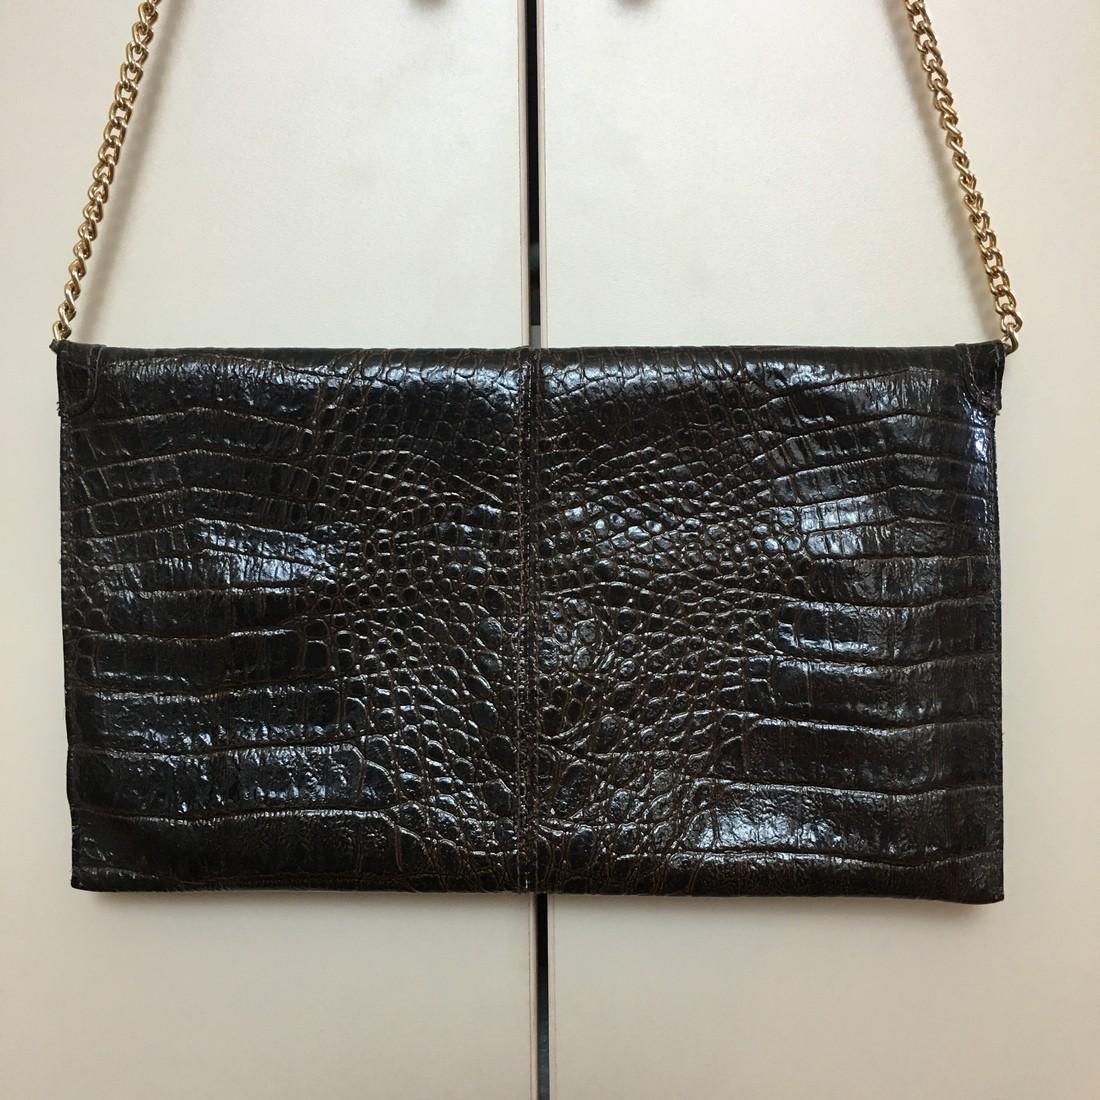 Vintage Real Alligator Leather Clutch Bag - 6